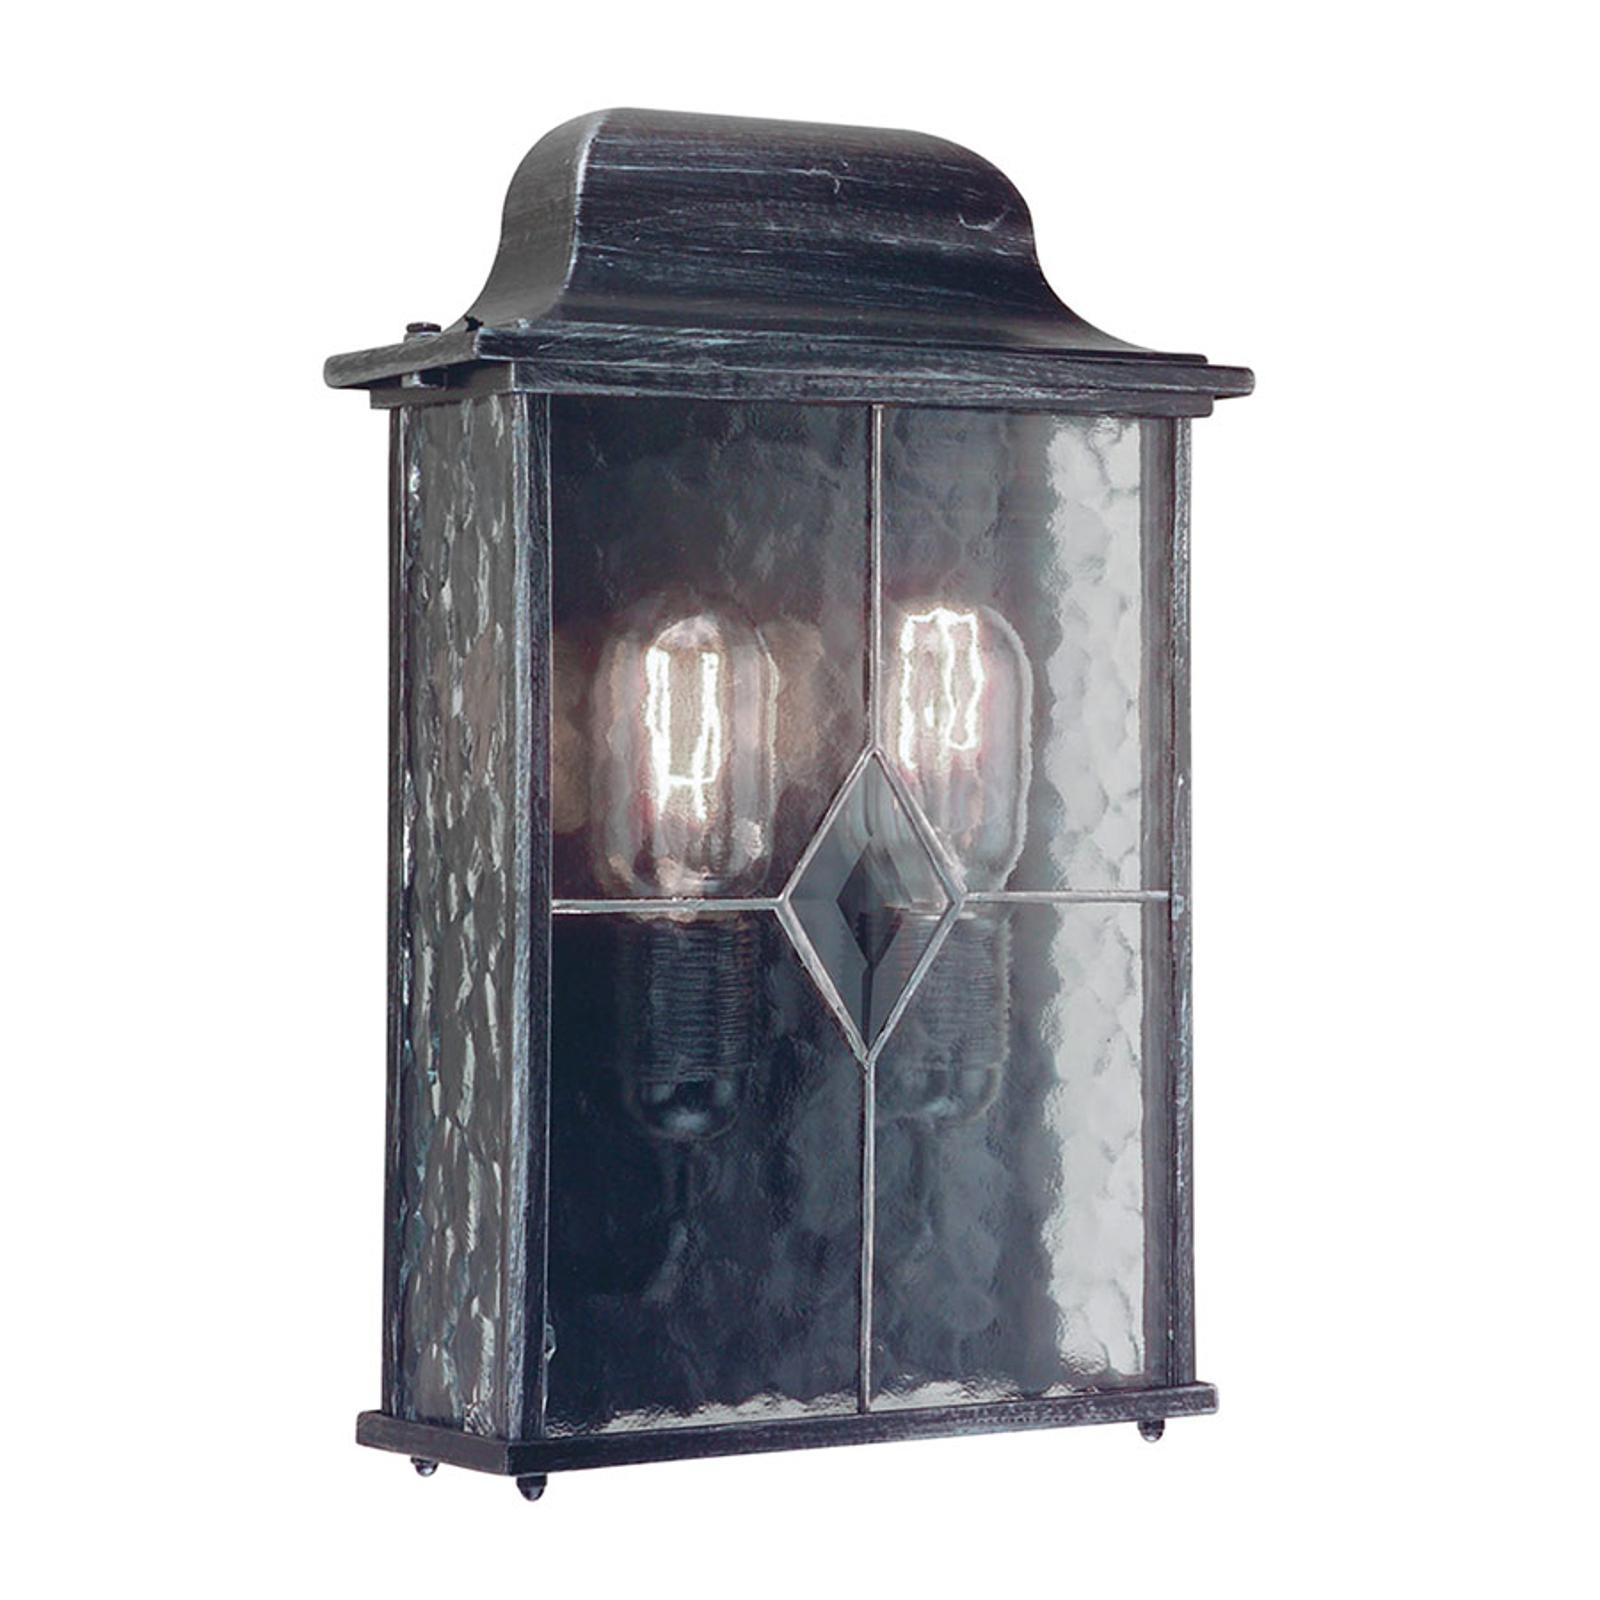 Lampa ścienna Wexford WX7 połowa latarni